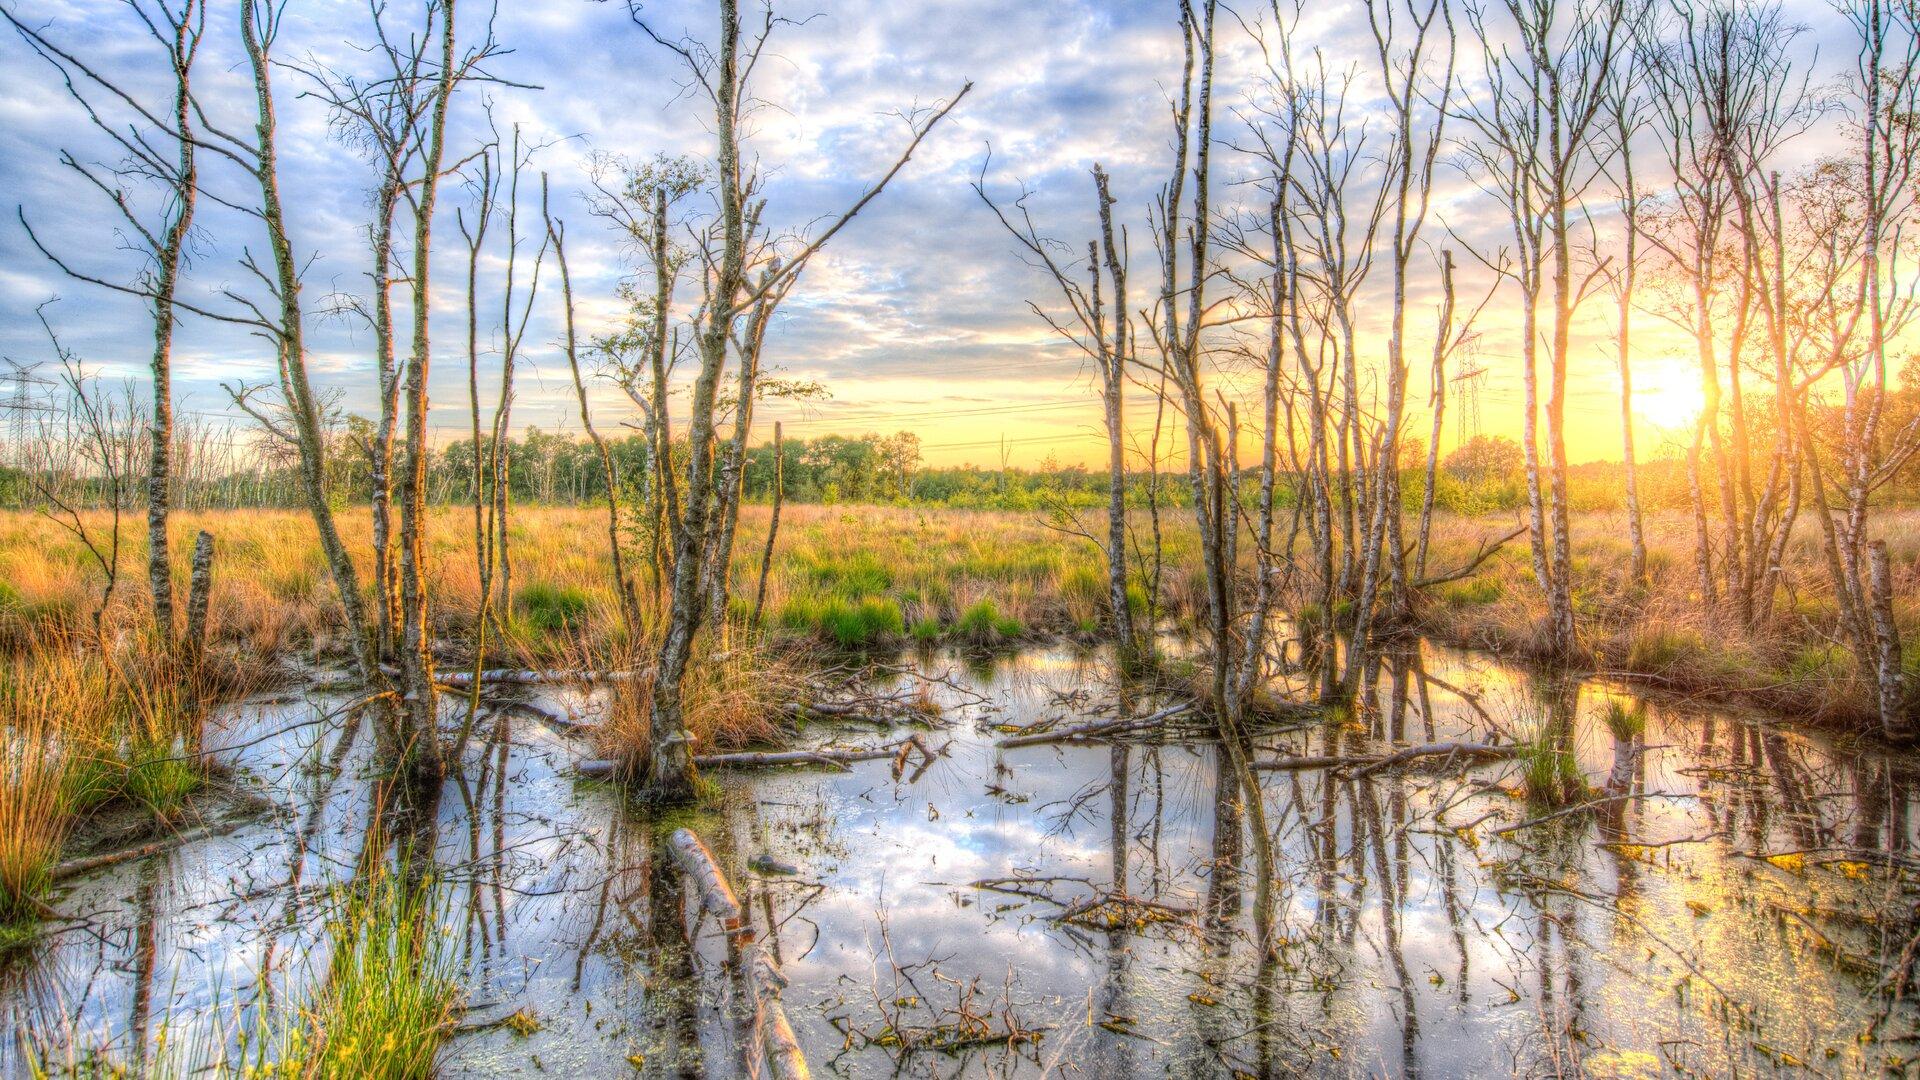 Ilustracja przedstawia słodkowodne bagno zdrzewami iinną roślinnością. Zbiornik jest dobrze oświetlony przez promienie padającego słońca. Woddali widać pola ilasy oraz zachodzące słońce.